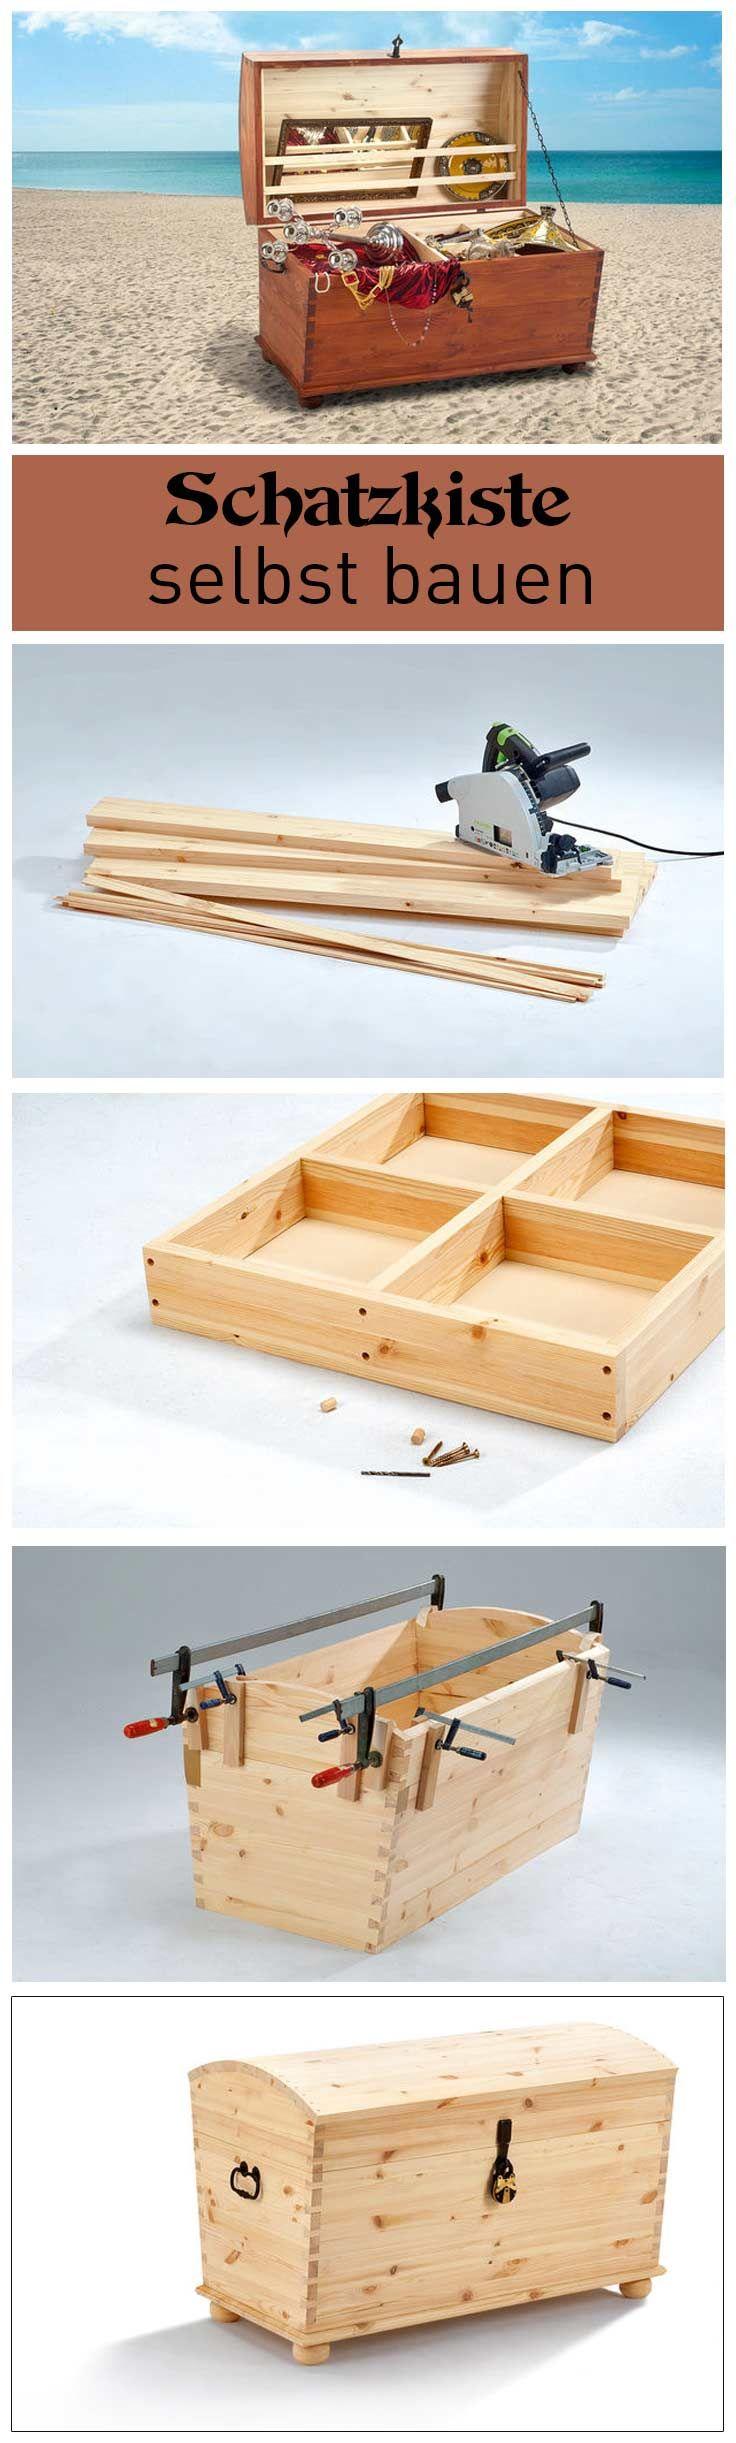 25 einzigartige schmuck zum selbermachen ideen auf pinterest schmuck selbst gemacht schmuck. Black Bedroom Furniture Sets. Home Design Ideas